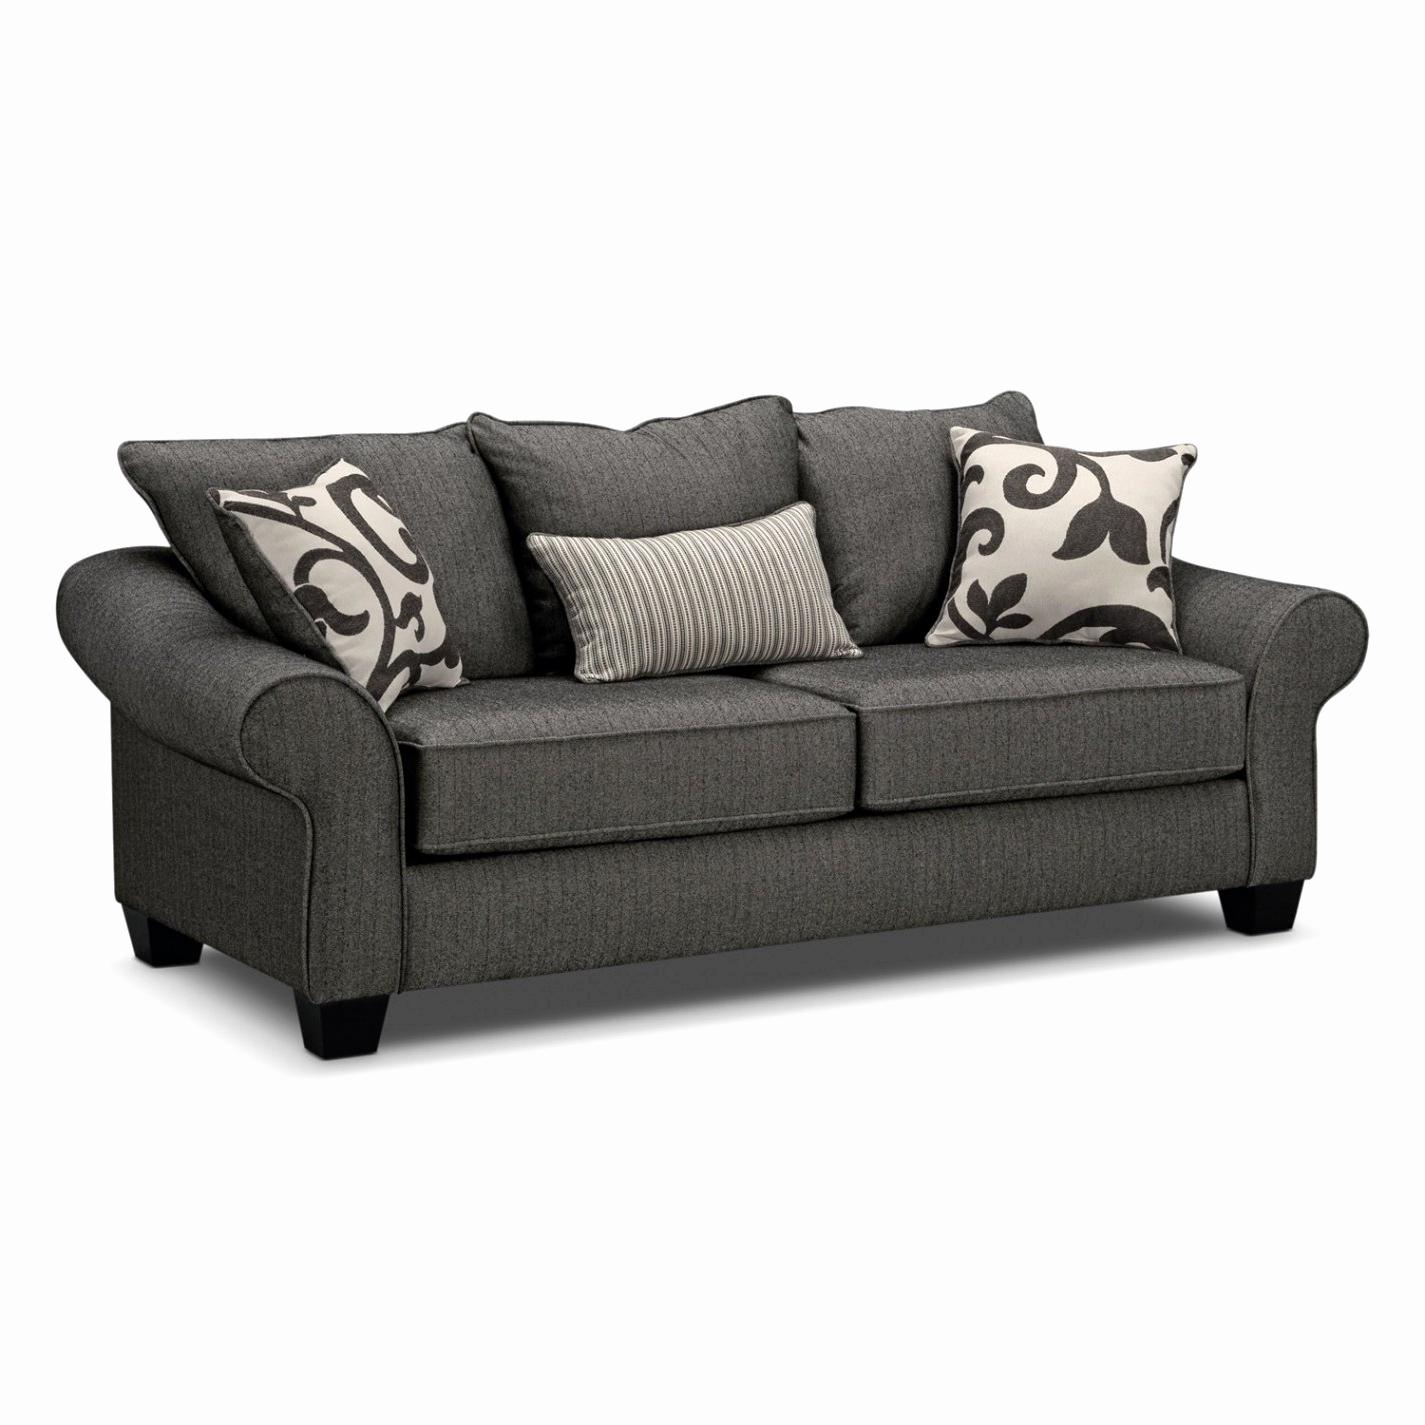 Full Size of Sofa 3 2 1 Sitzer Mit Relaxfunktion Elektrisch Halbrundes Teilig Ausziehbar Xxl Günstig Rattan Garten Alcantara Fenster Kaufen Leinen Hussen Günstige Sofa Xxl Sofa Günstig